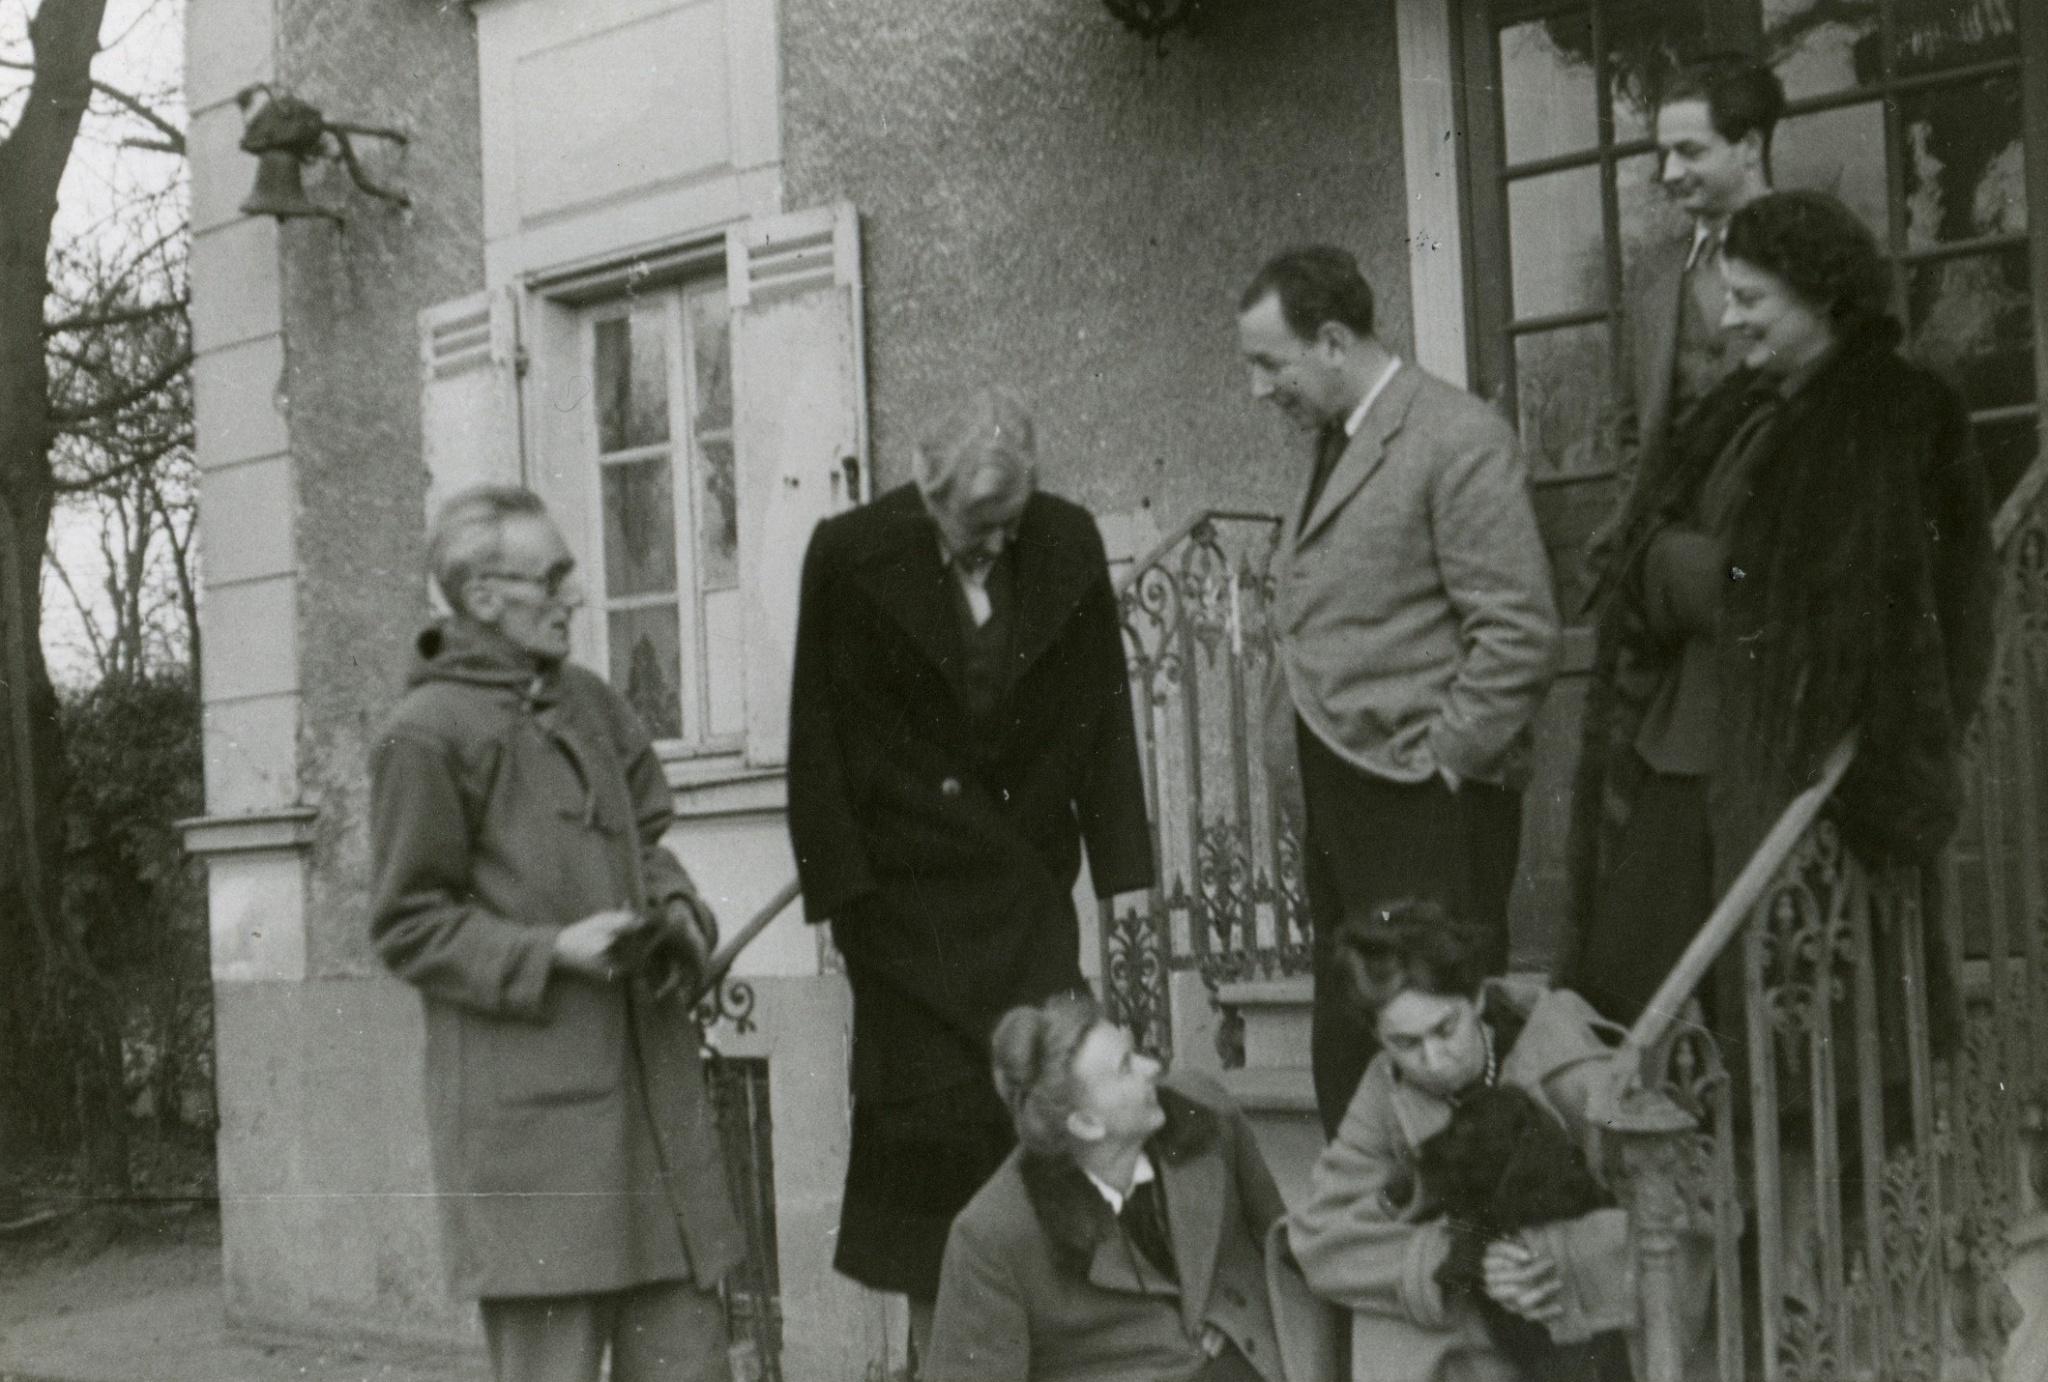 <div class='inner-box'><div class='close-desc'></div><span class='opis'>Boże Narodzenie 1948. J&oacute;zef Czapski, Maria Czapska, Zofia Romanowiczowa,  Zygmunt Hertz, Zofia Hertz, Henryk Giedroyc, Adela Dziedulska-Żeleńska. Corneille</span><div class='clearfix'></div><span>Sygn. FIL00966</span><div class='clearfix'></div><span>&copy; Instytut Literacki</span></div>